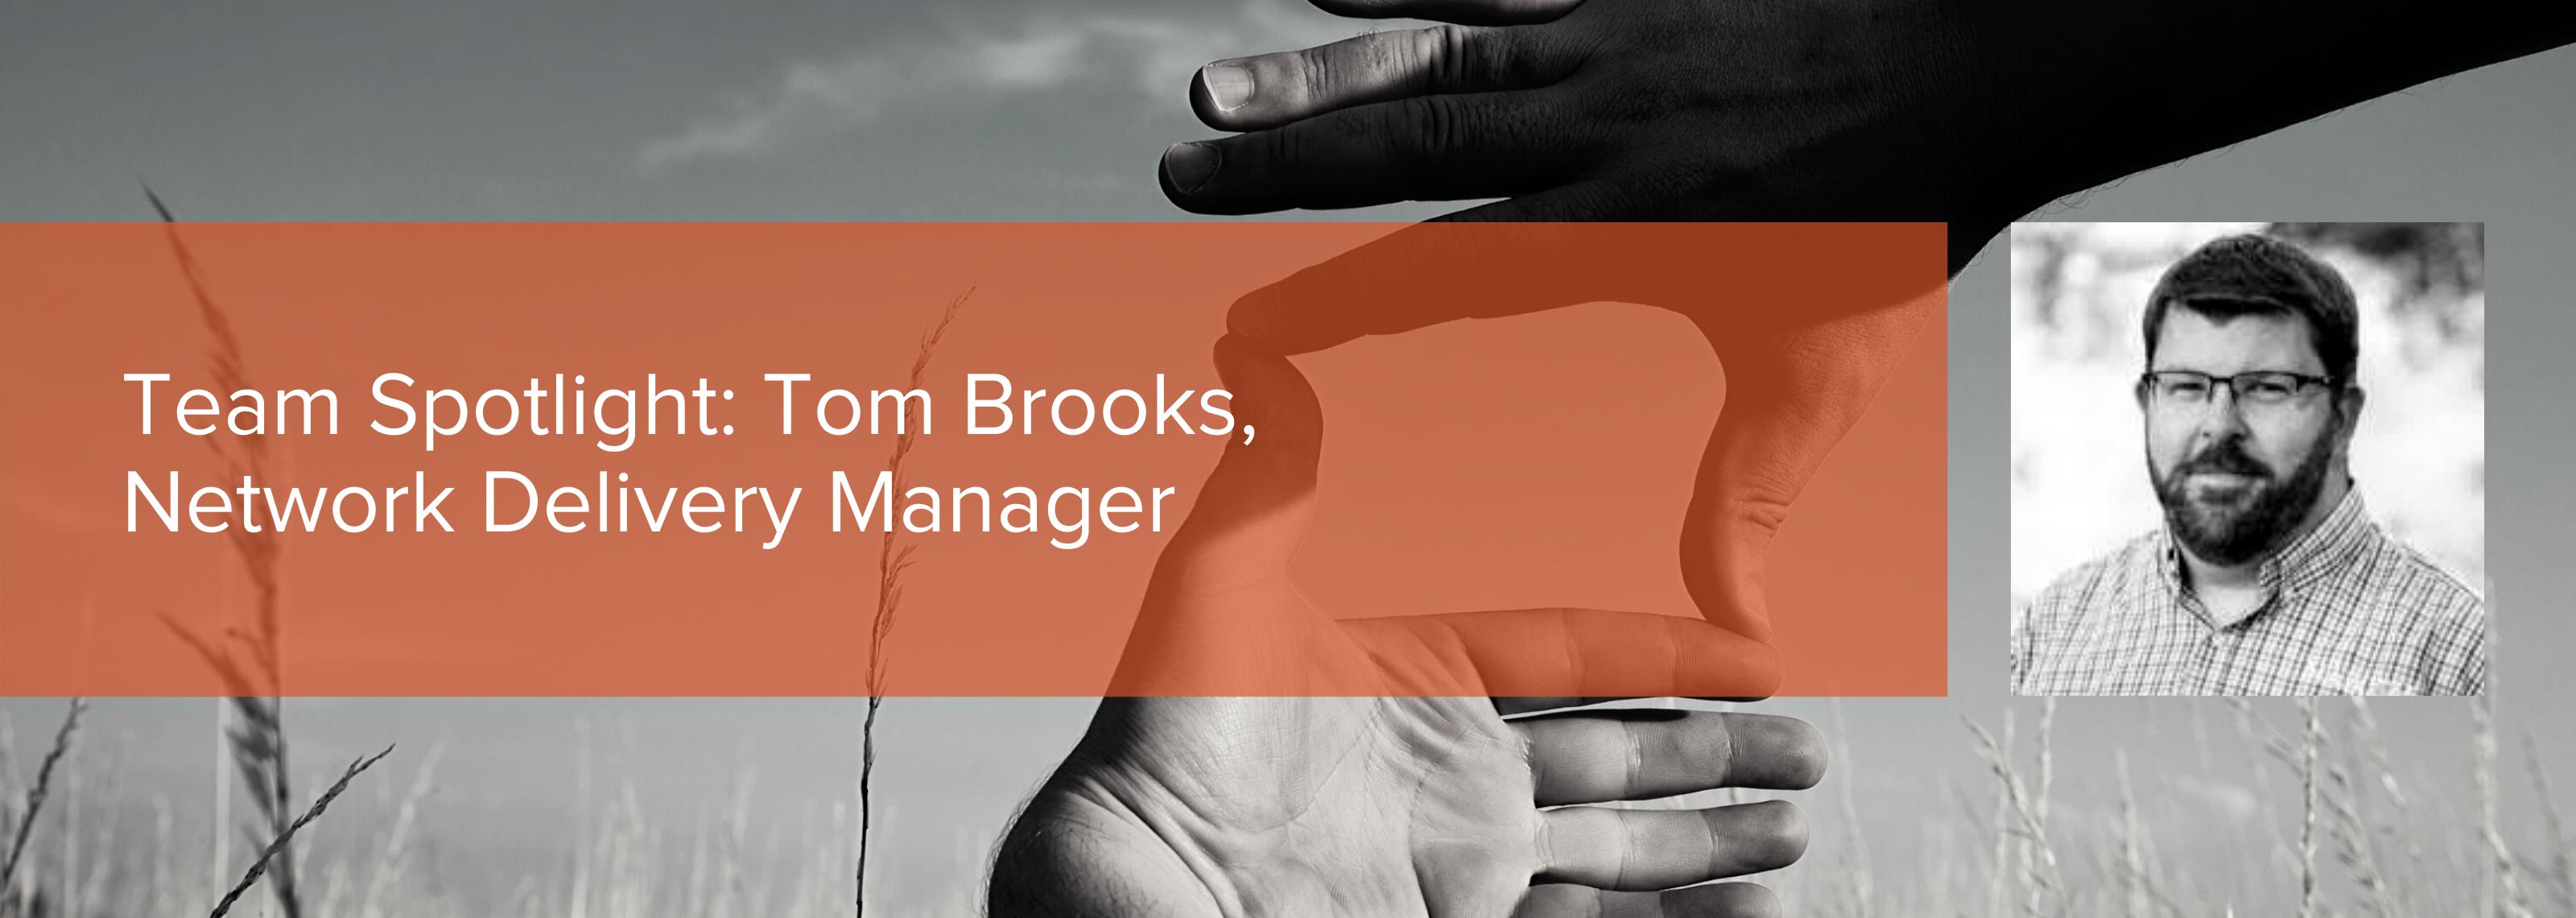 Tom Brooks_Network Delivery Manager_Header (1)